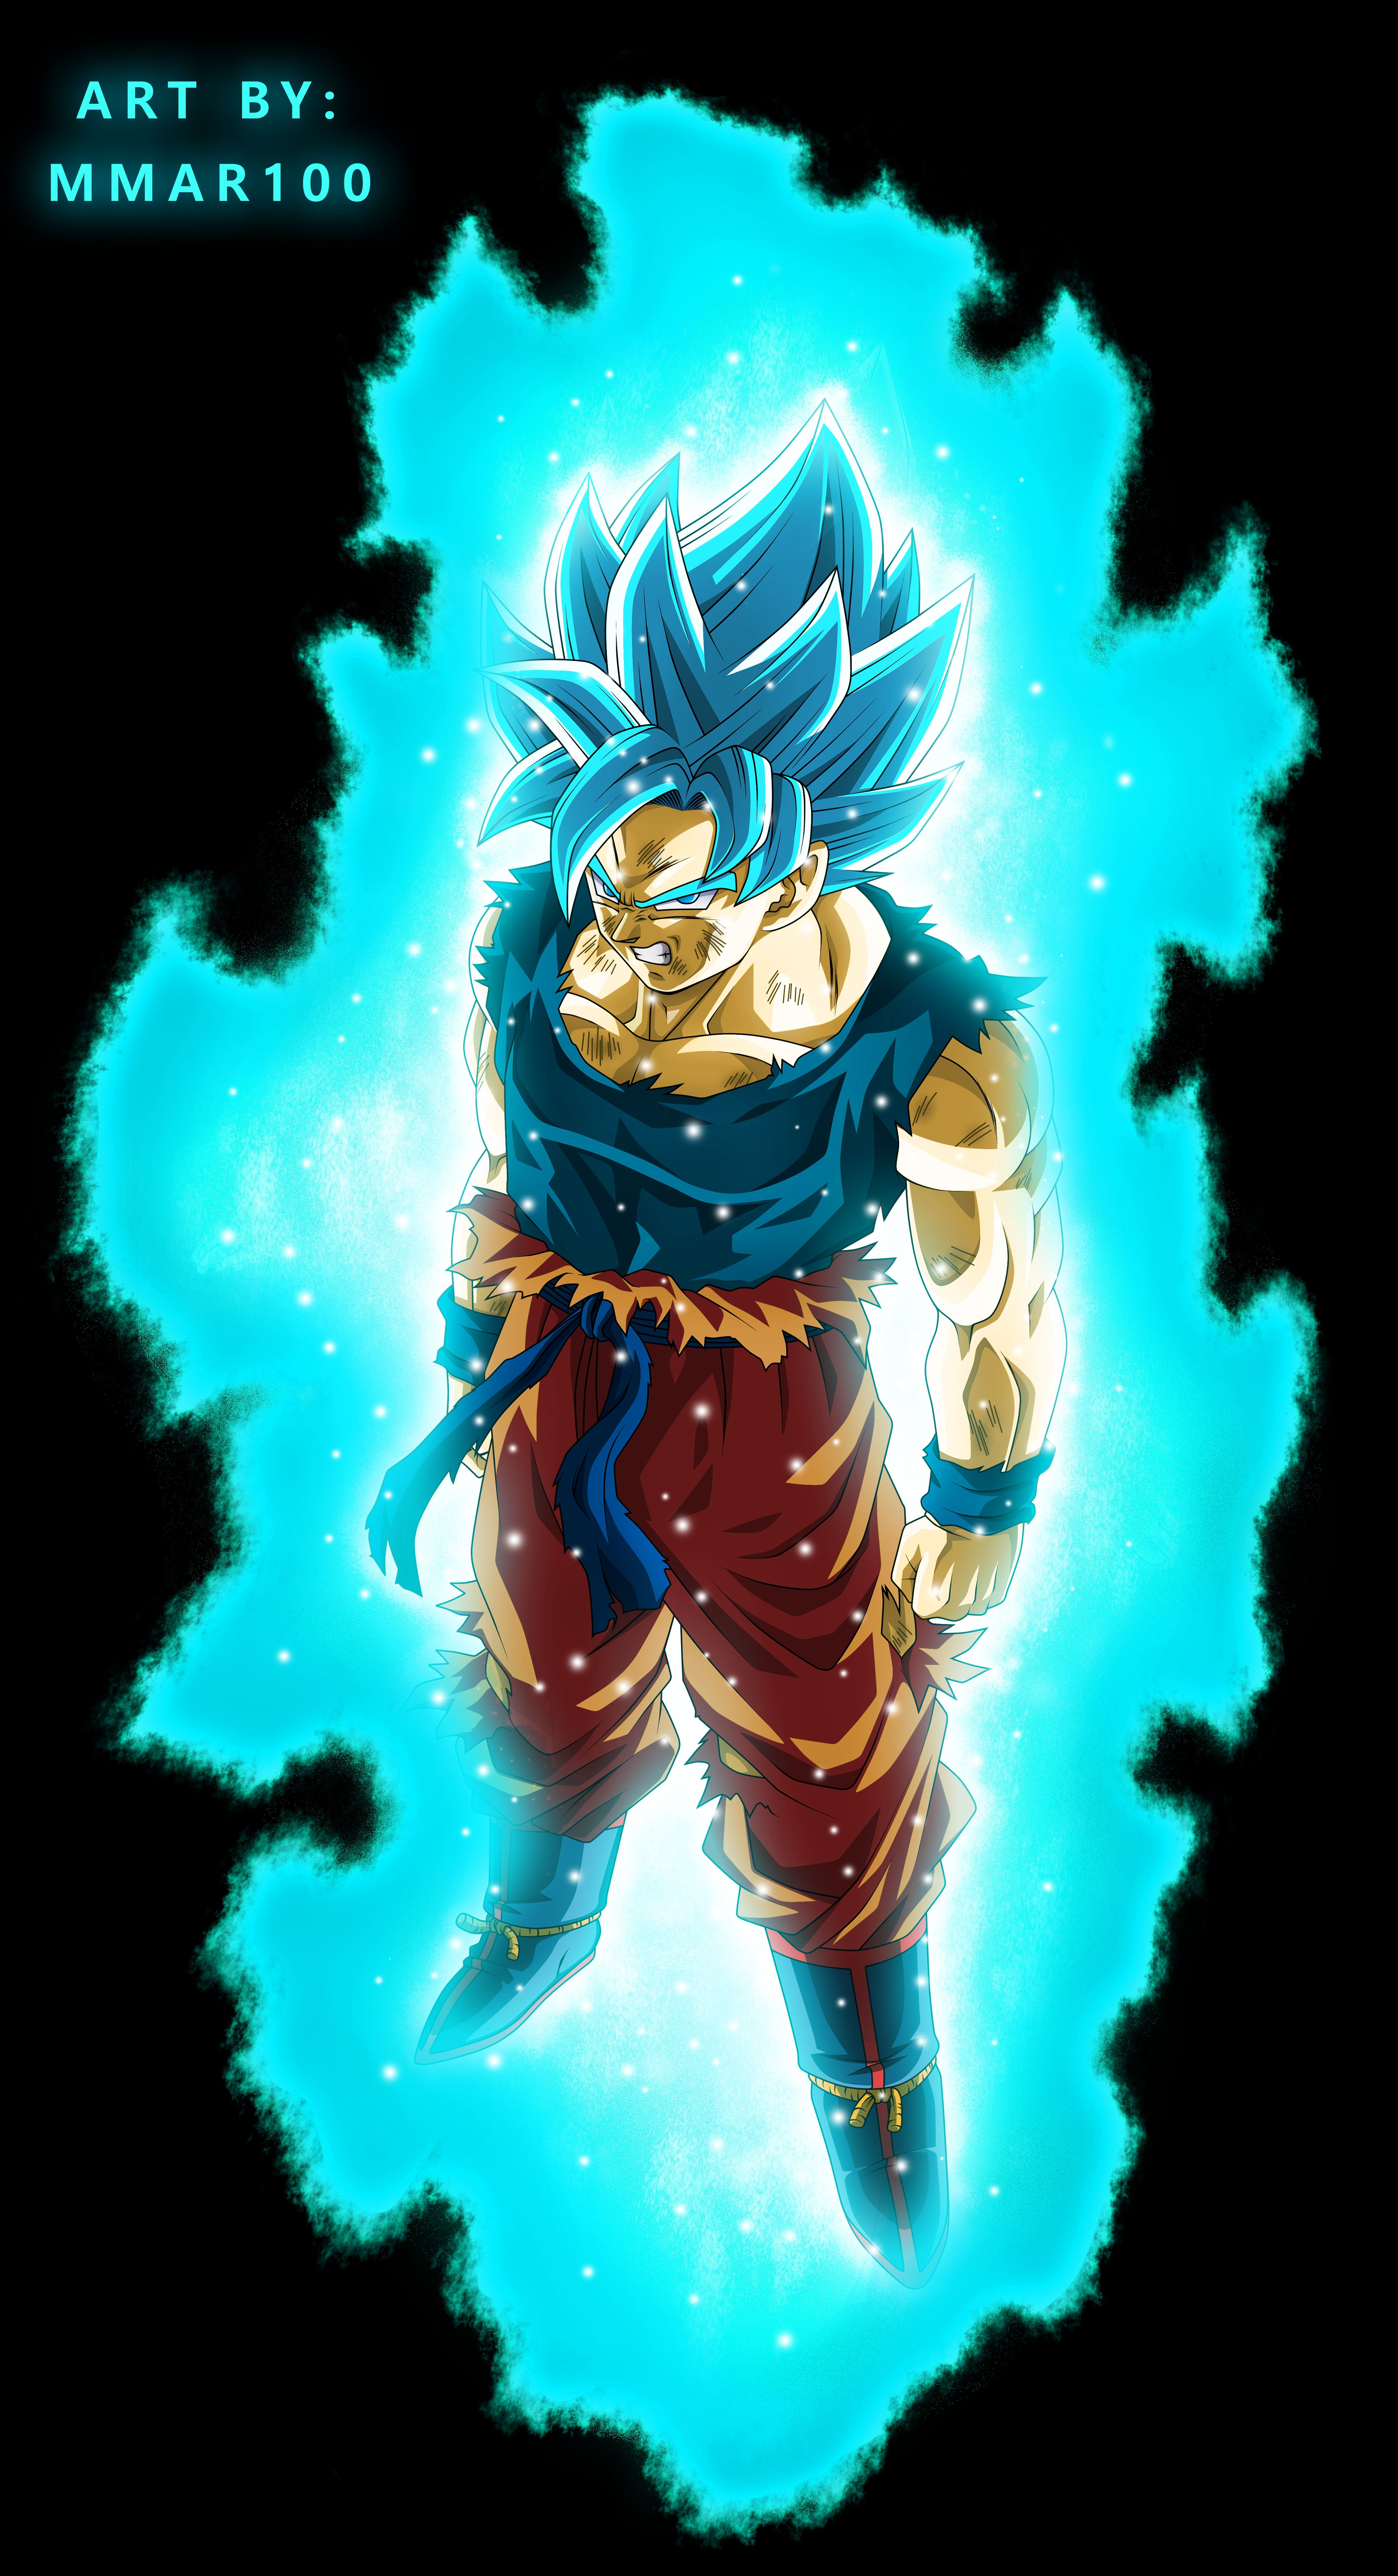 Beyond A Super Saiyan God Super Saiyan Blue By Mmar100 On Deviantart Anime Dragon Ball Super Goku Super Saiyan Blue Goku Super Saiyan God